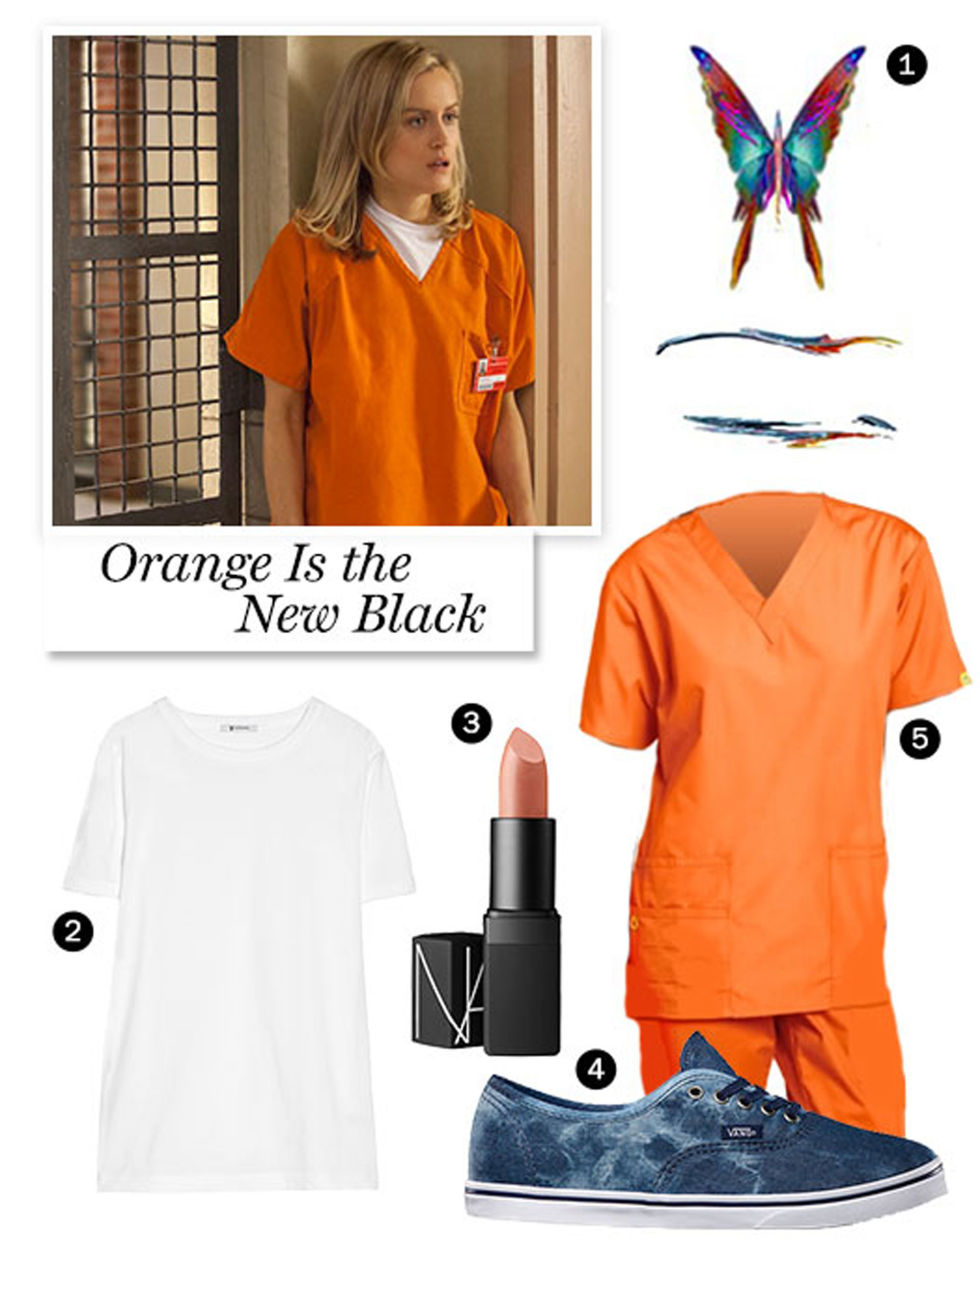 5482c61357295_-_mcx-halloween-2013-diy-orange-black-1013-s2.jpg (980×1306)